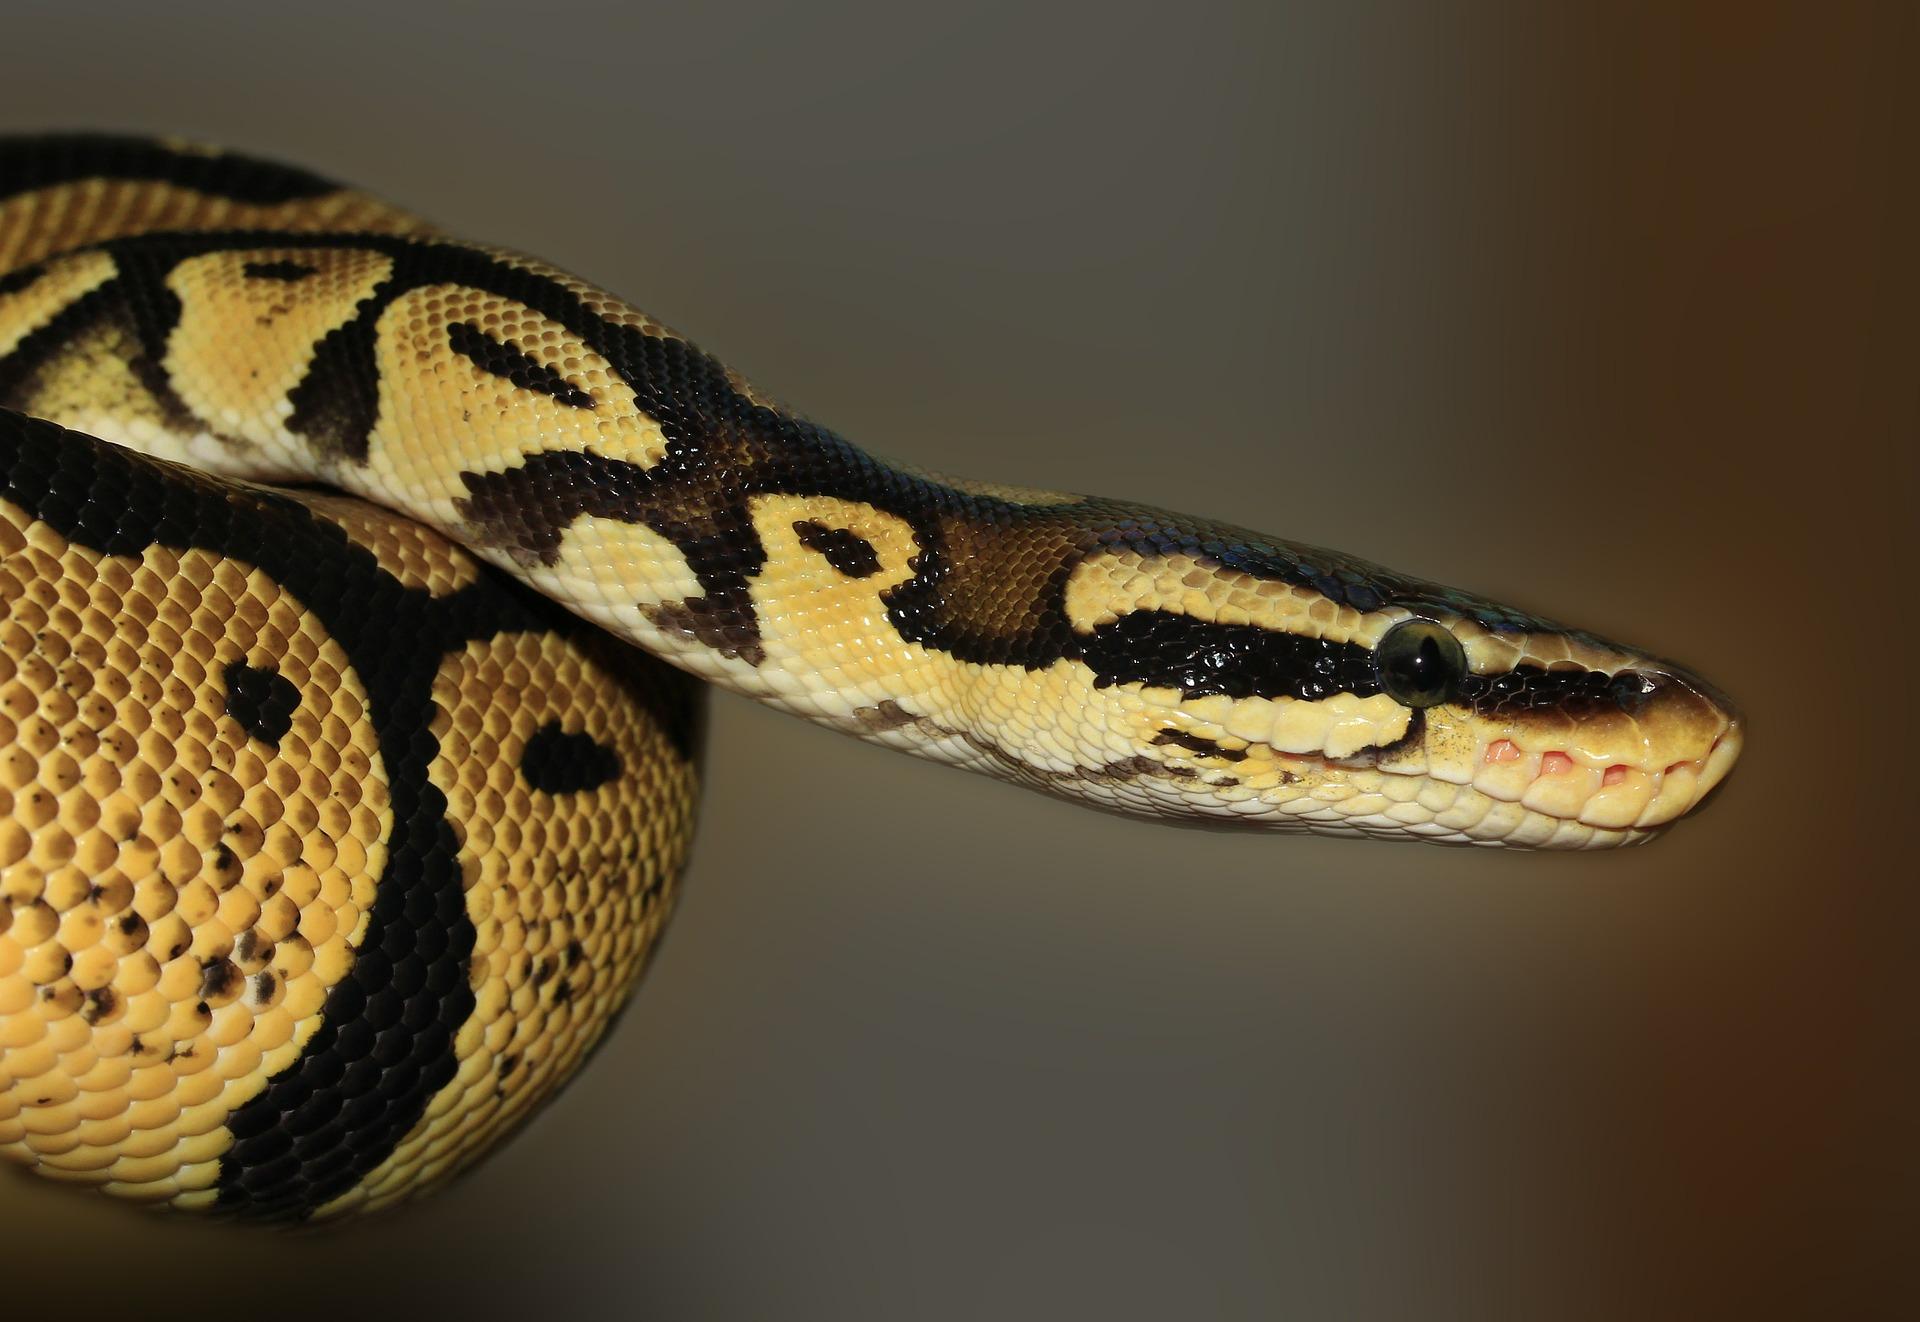 snake-419043_1920